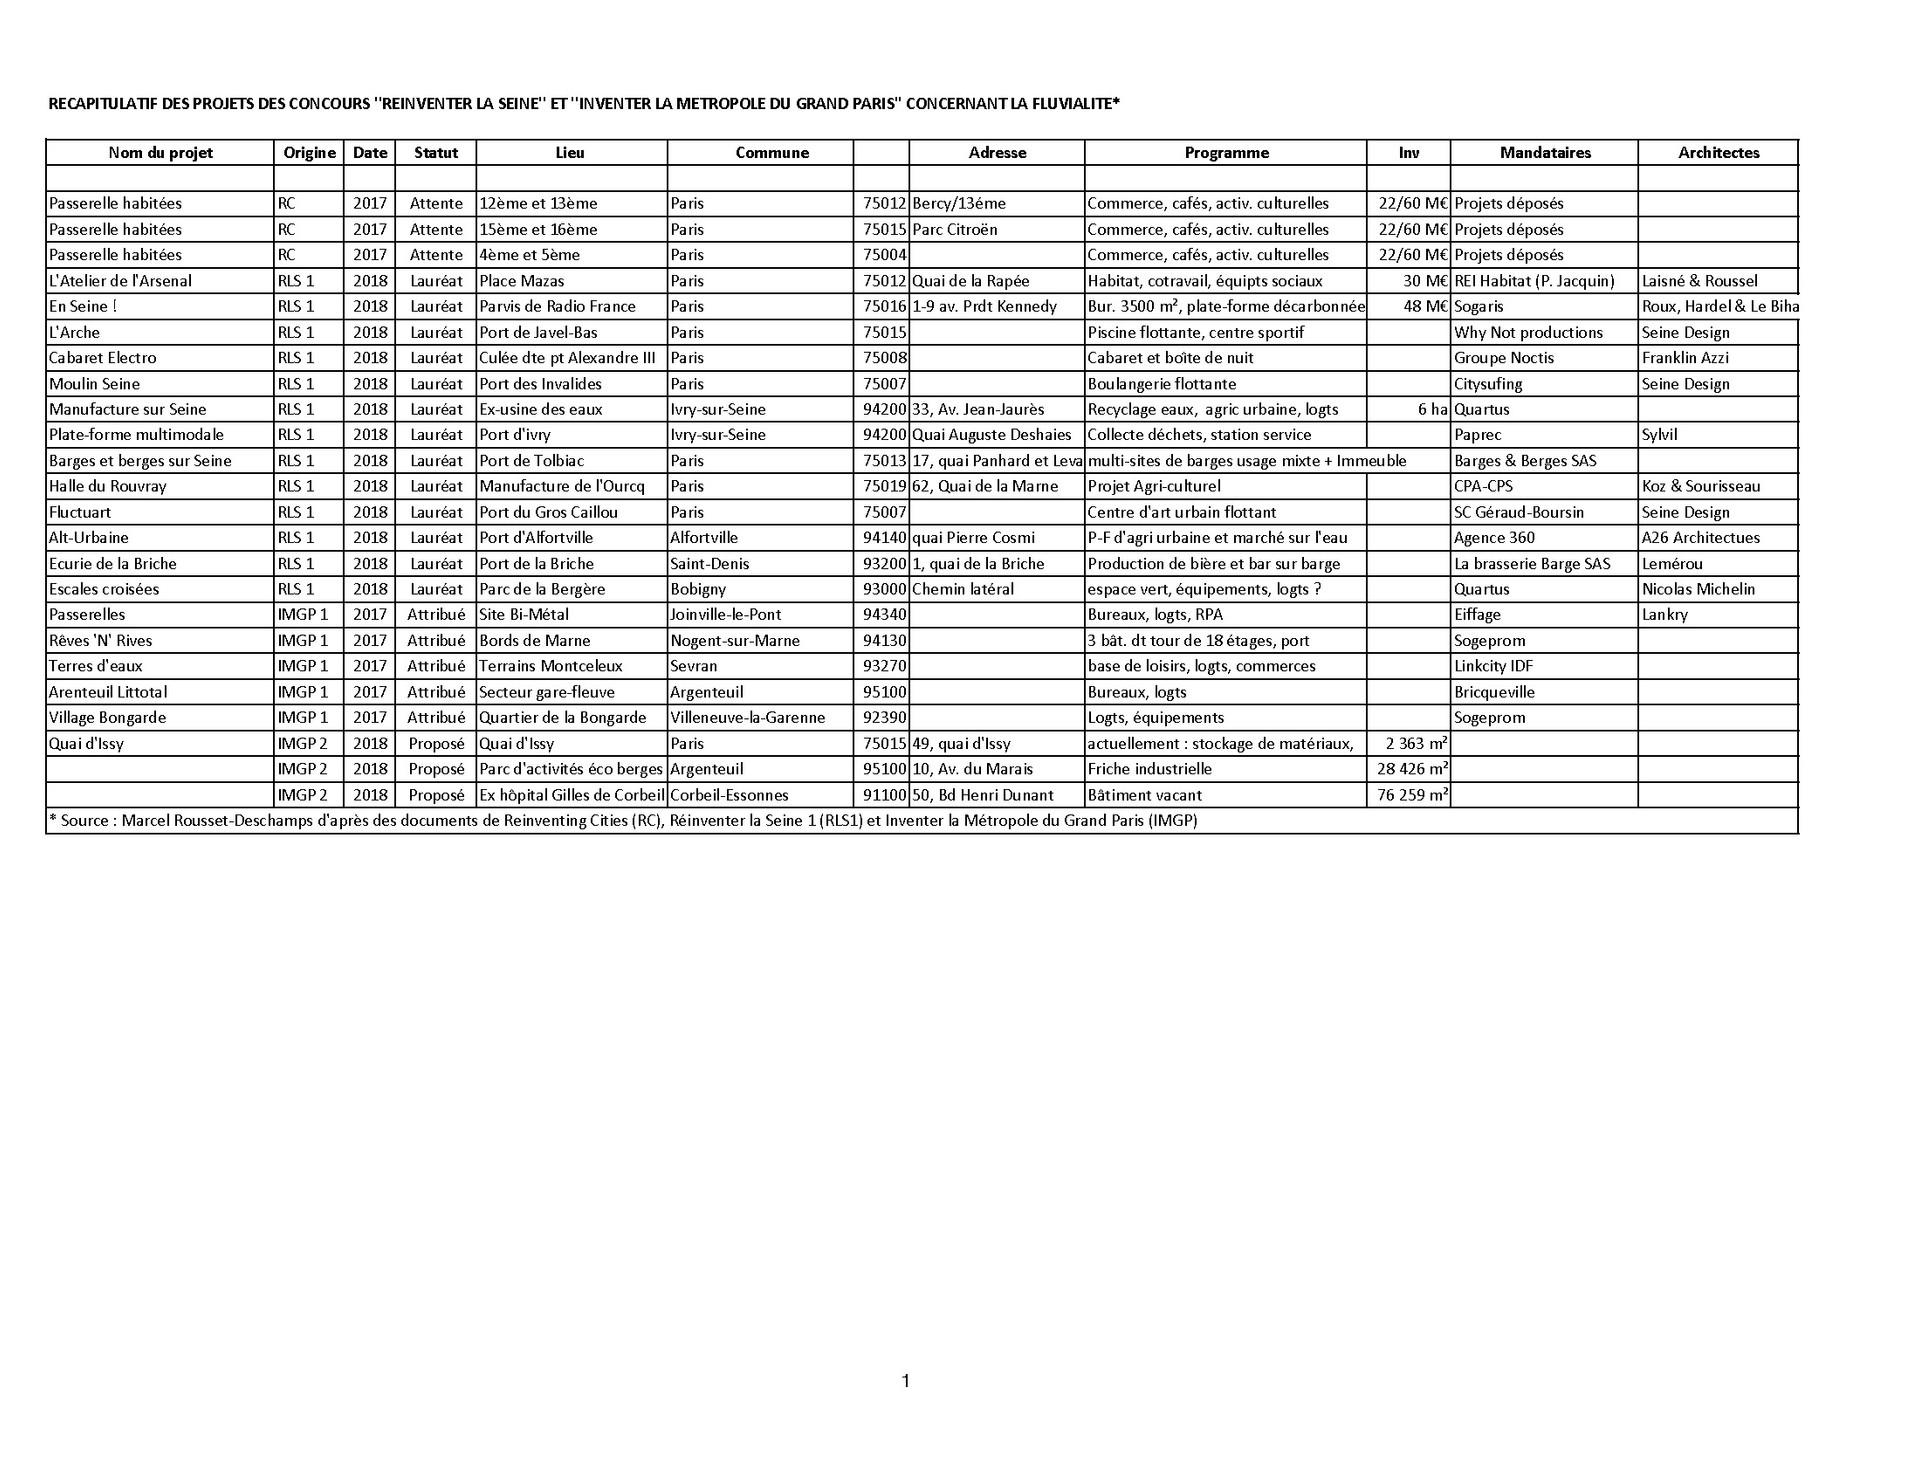 Annexe_1._Rousset-Deschamps_liste_projet